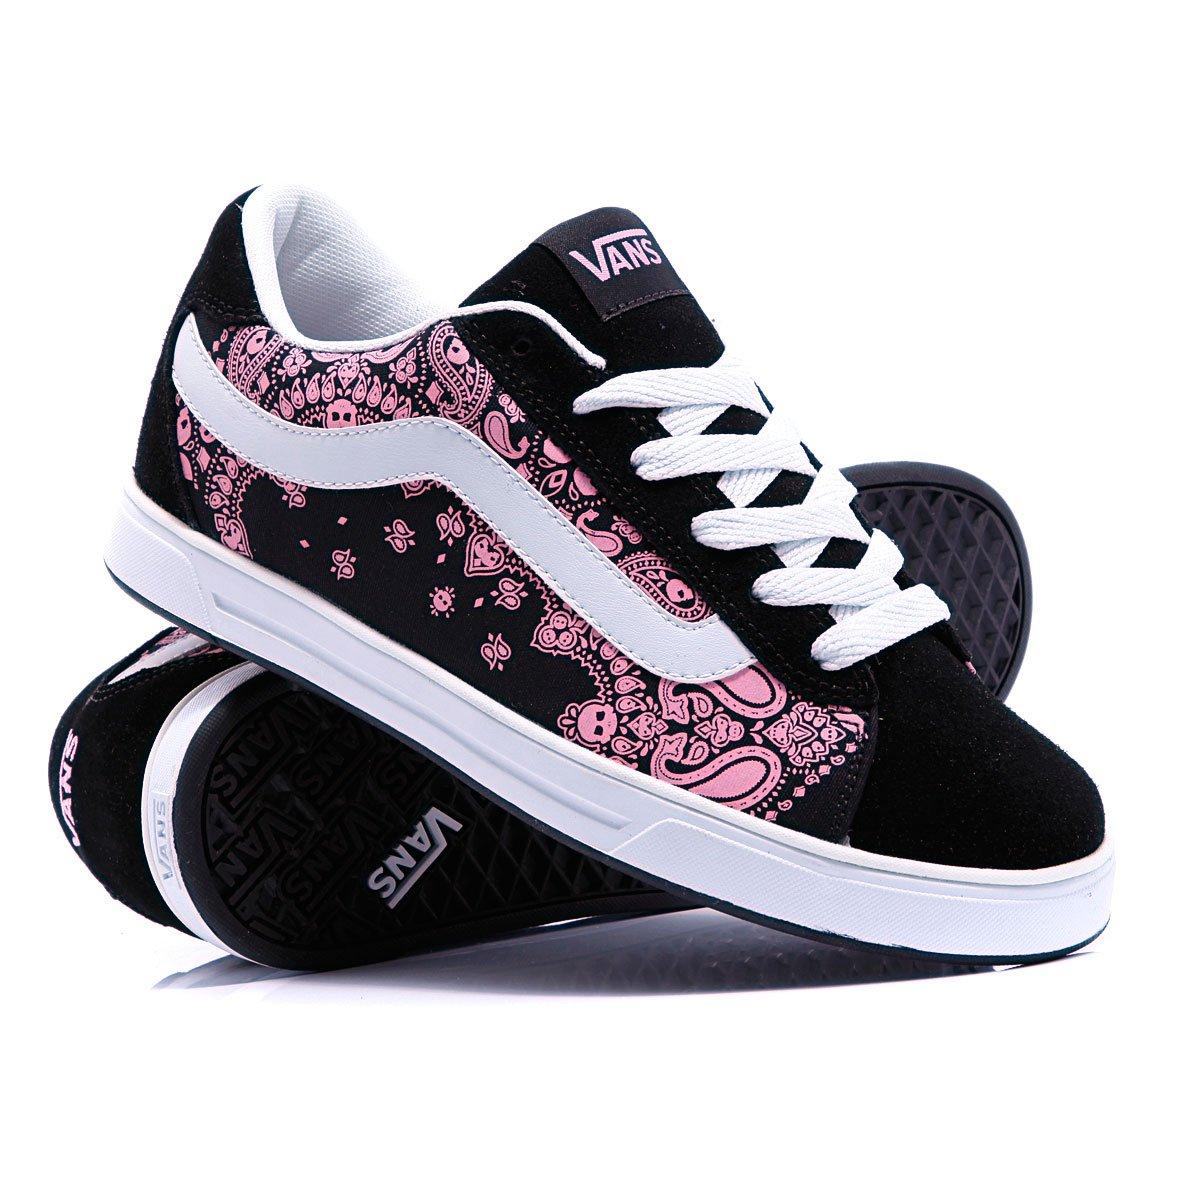 Купить кеды женские Vans Mercer Skull Paisley Black Pink (070711vans54) в  интернет-магазине Proskater.by 946841a2d53